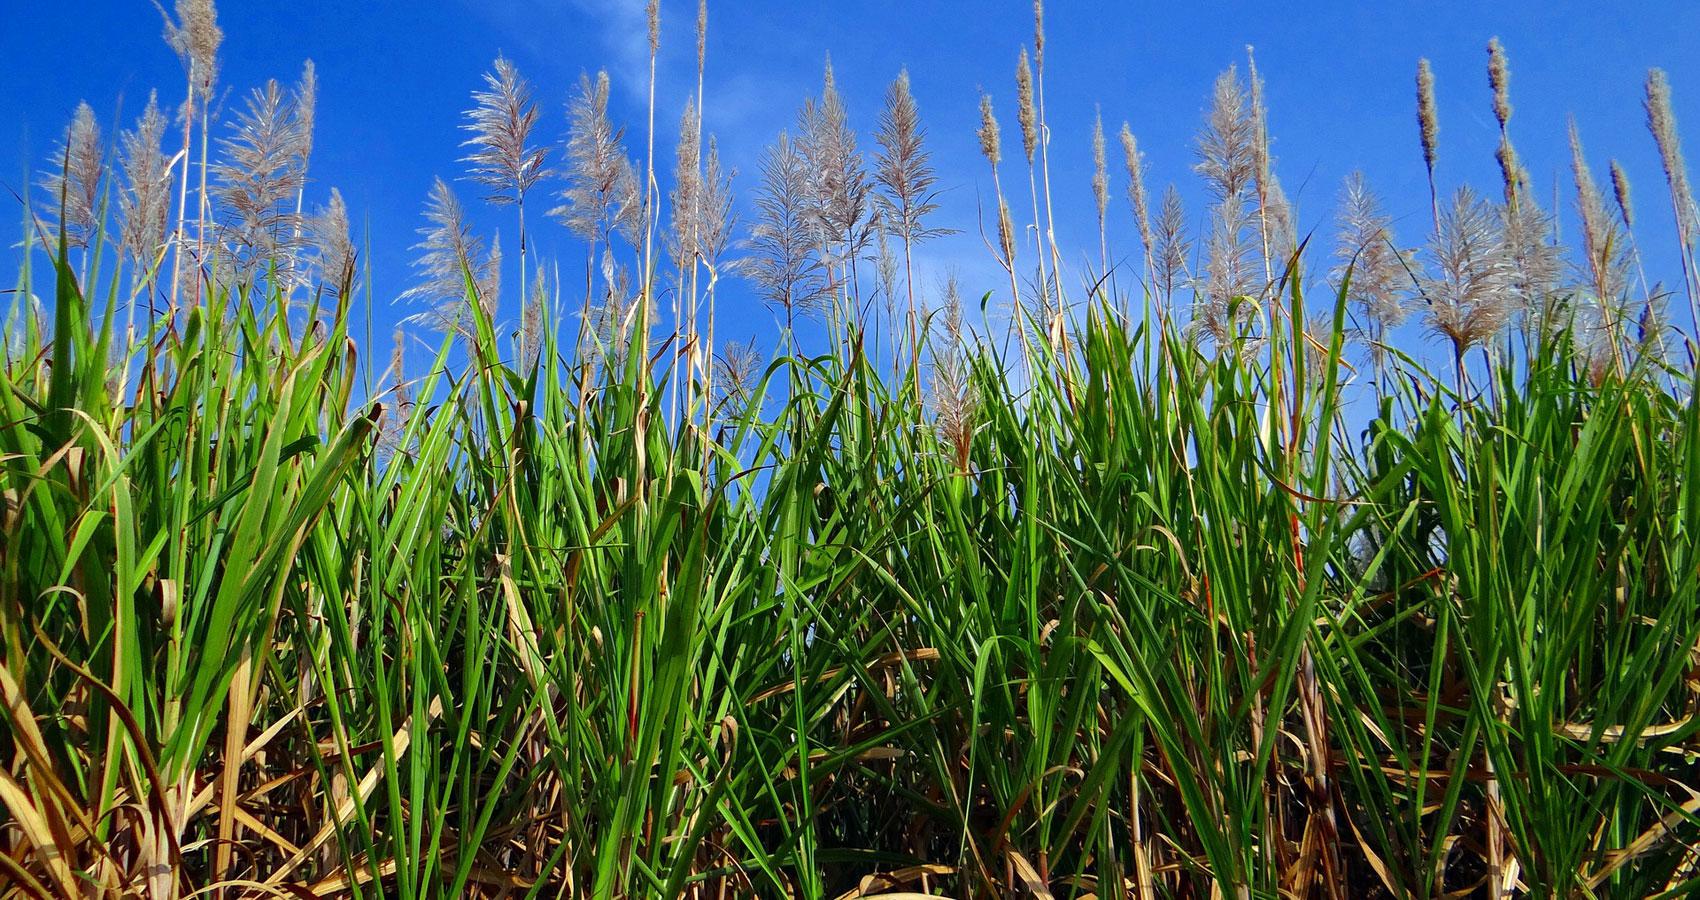 Sugar Cane written by Aurora Kastaniasat Spillwords.com